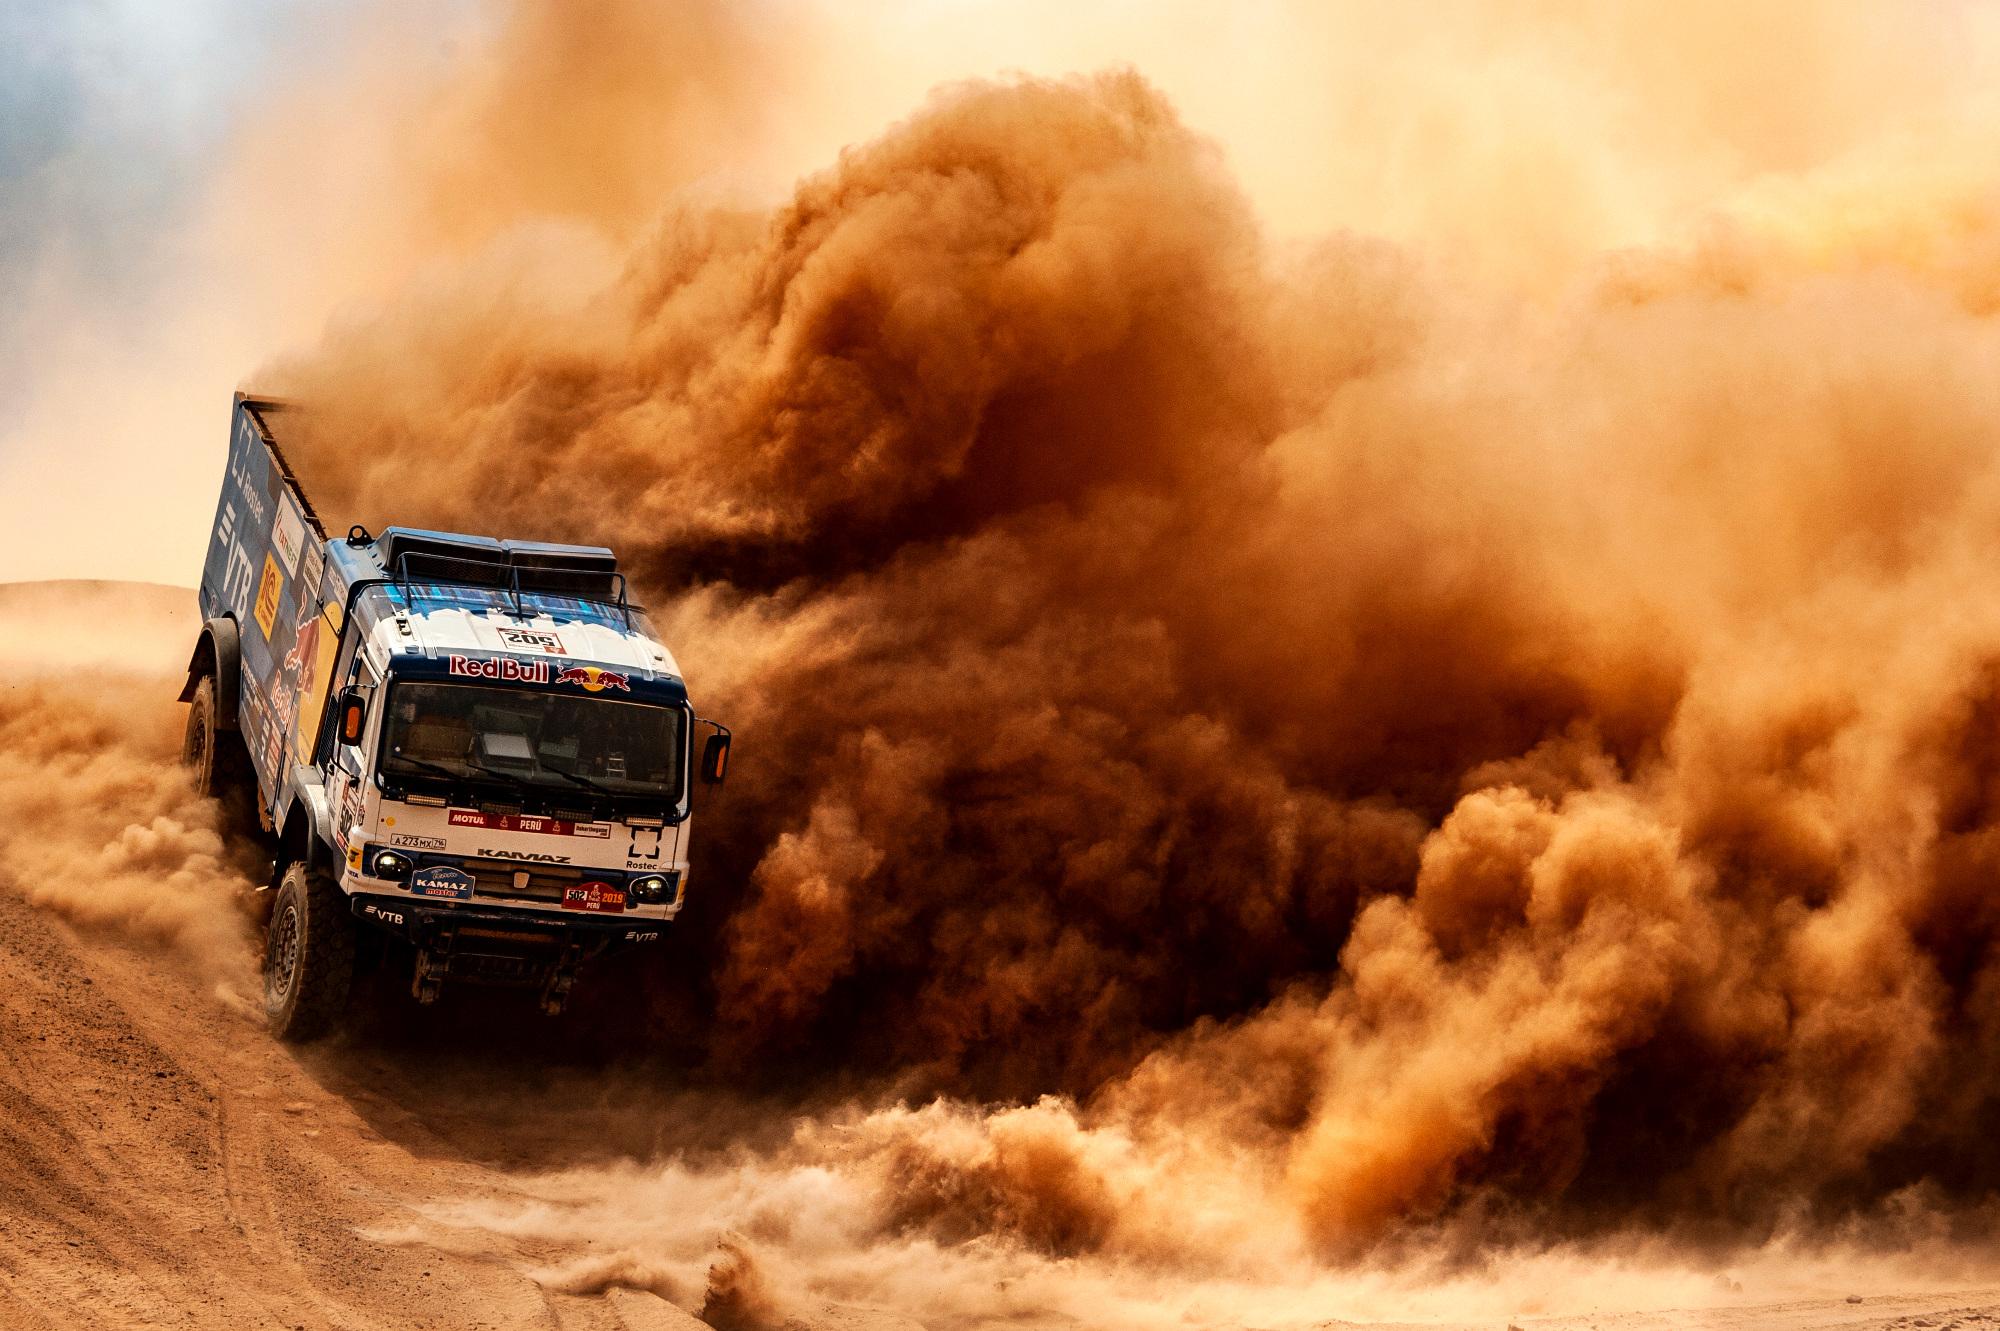 Kurz, piach i skały, czyli Dakar 2019 w obiektywie fotoreporterów